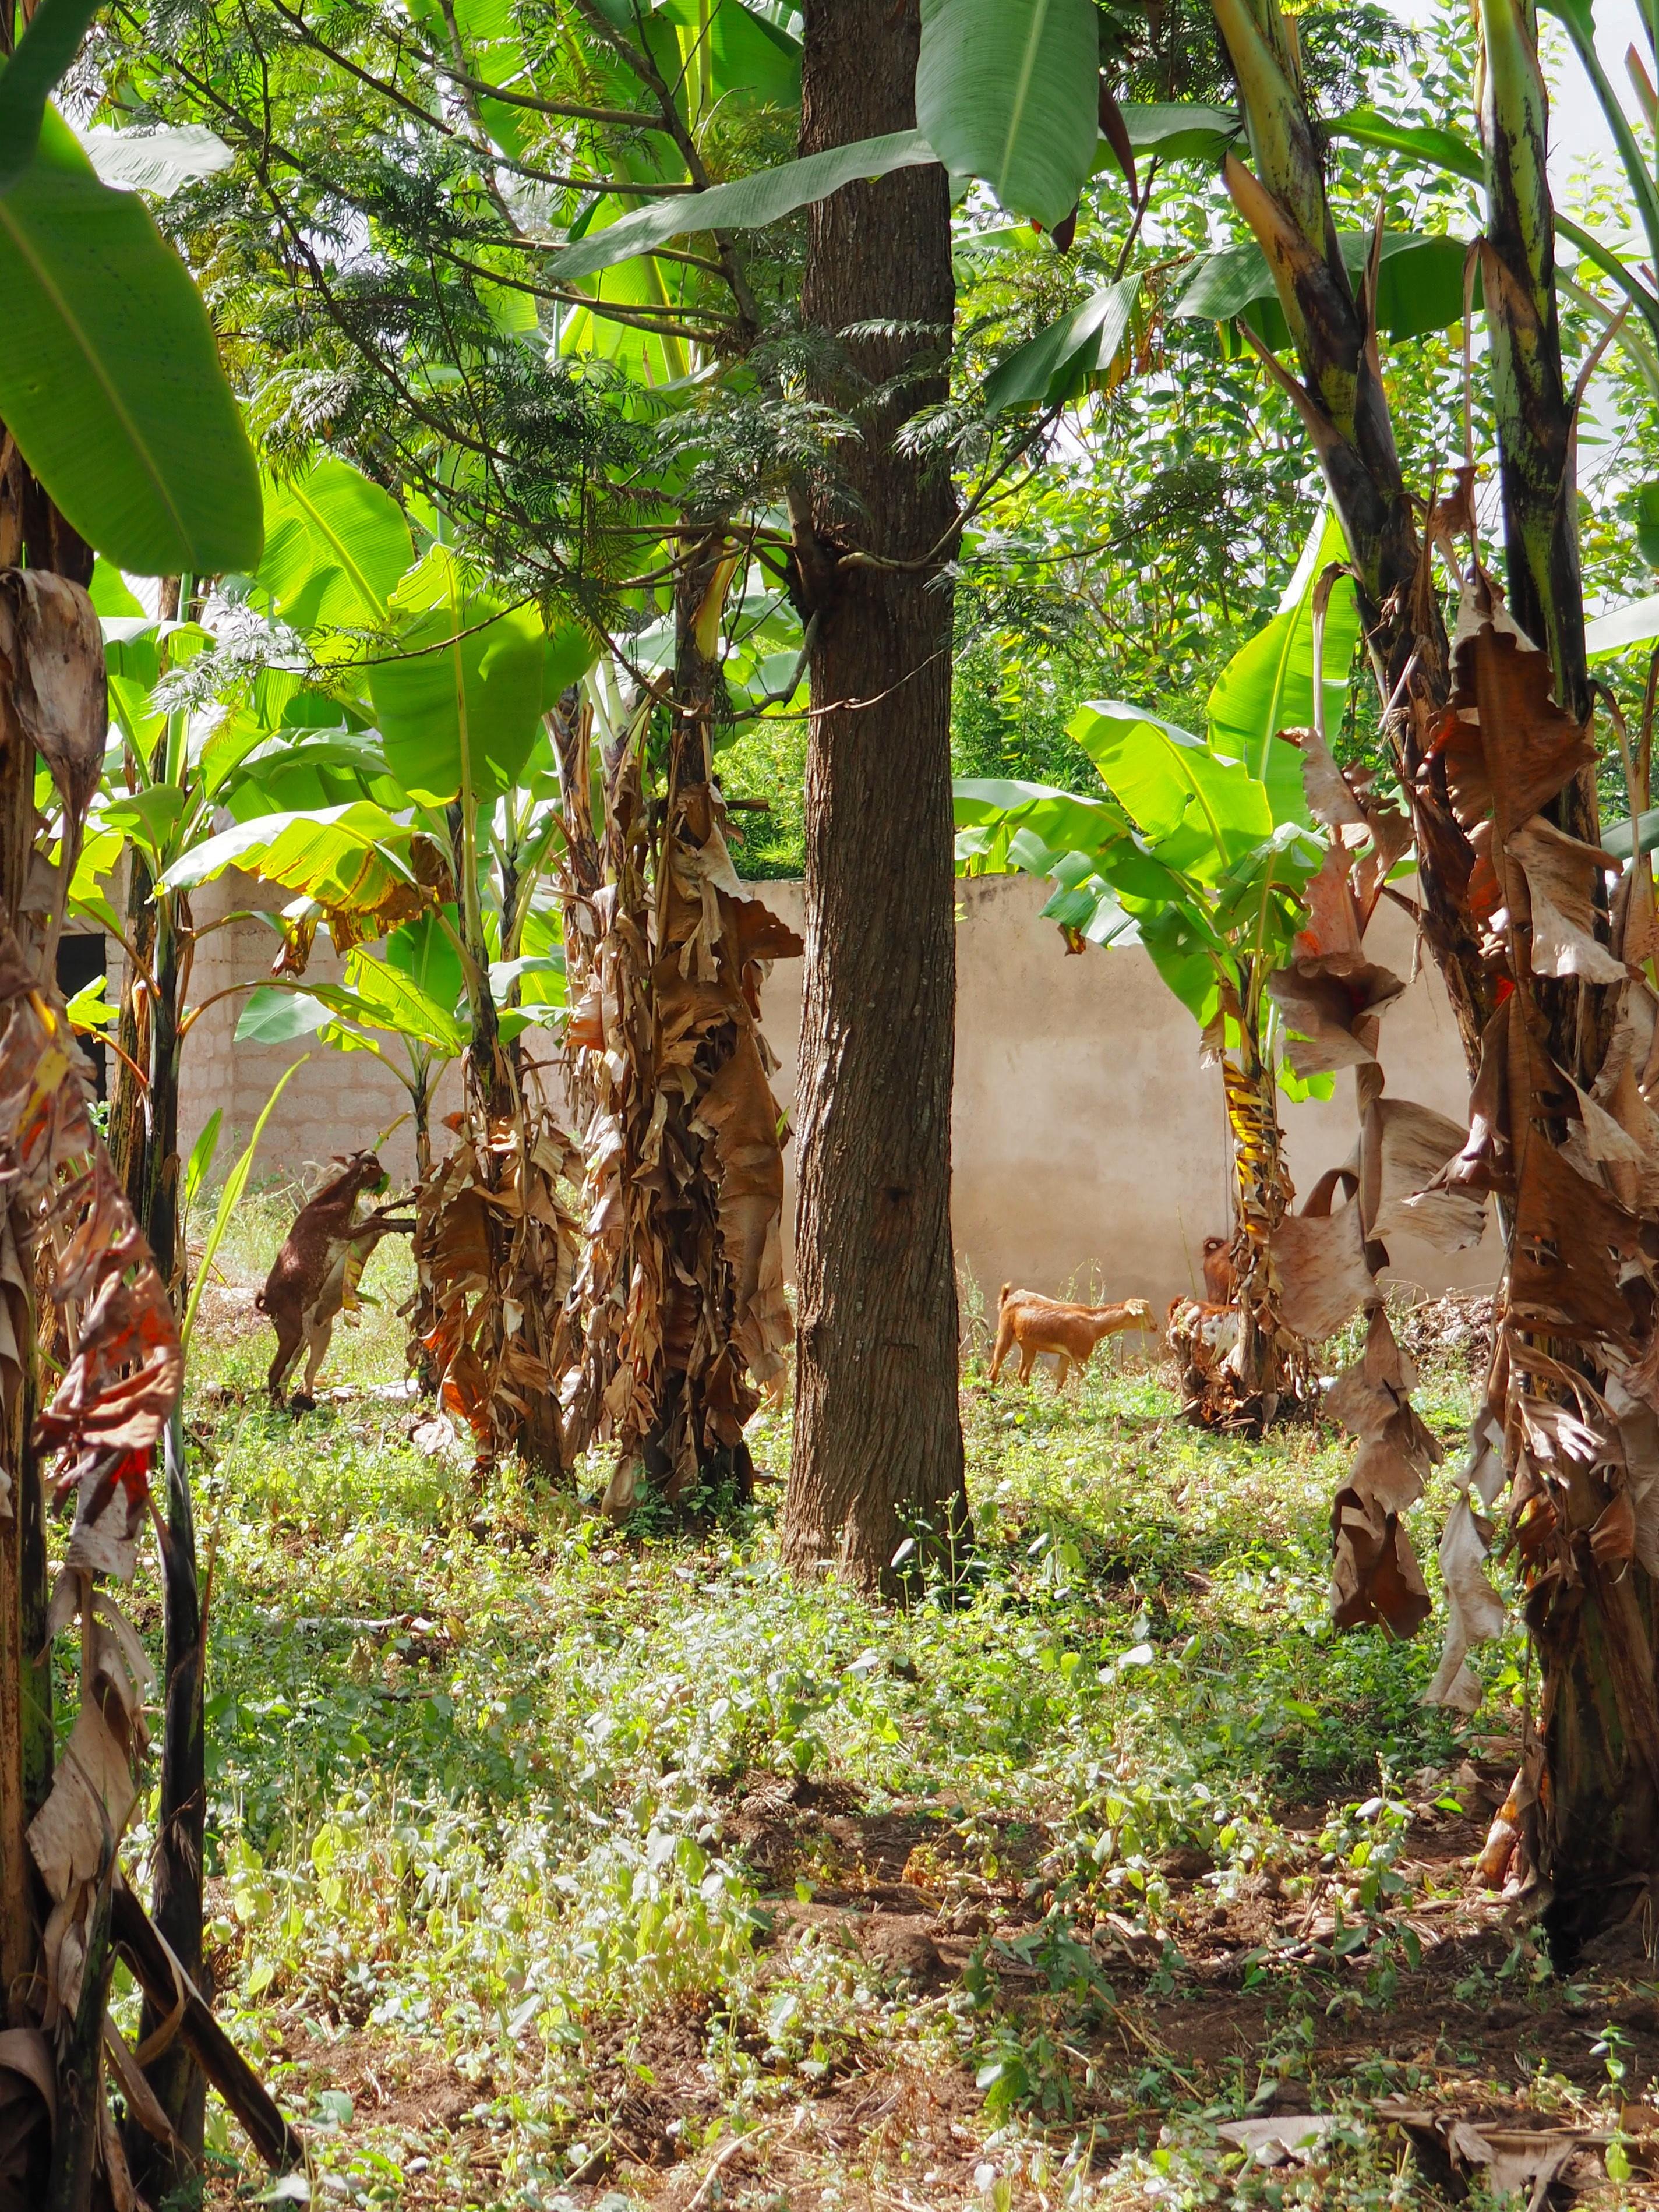 Some neighborhood goats grazing on banana trees